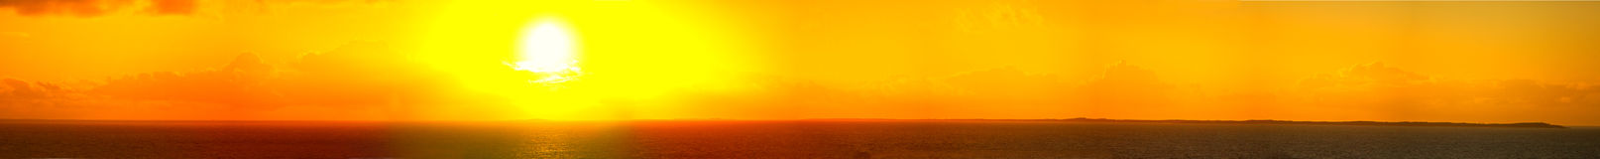 180 degree panorama of bahamas at sunrise Stock Image